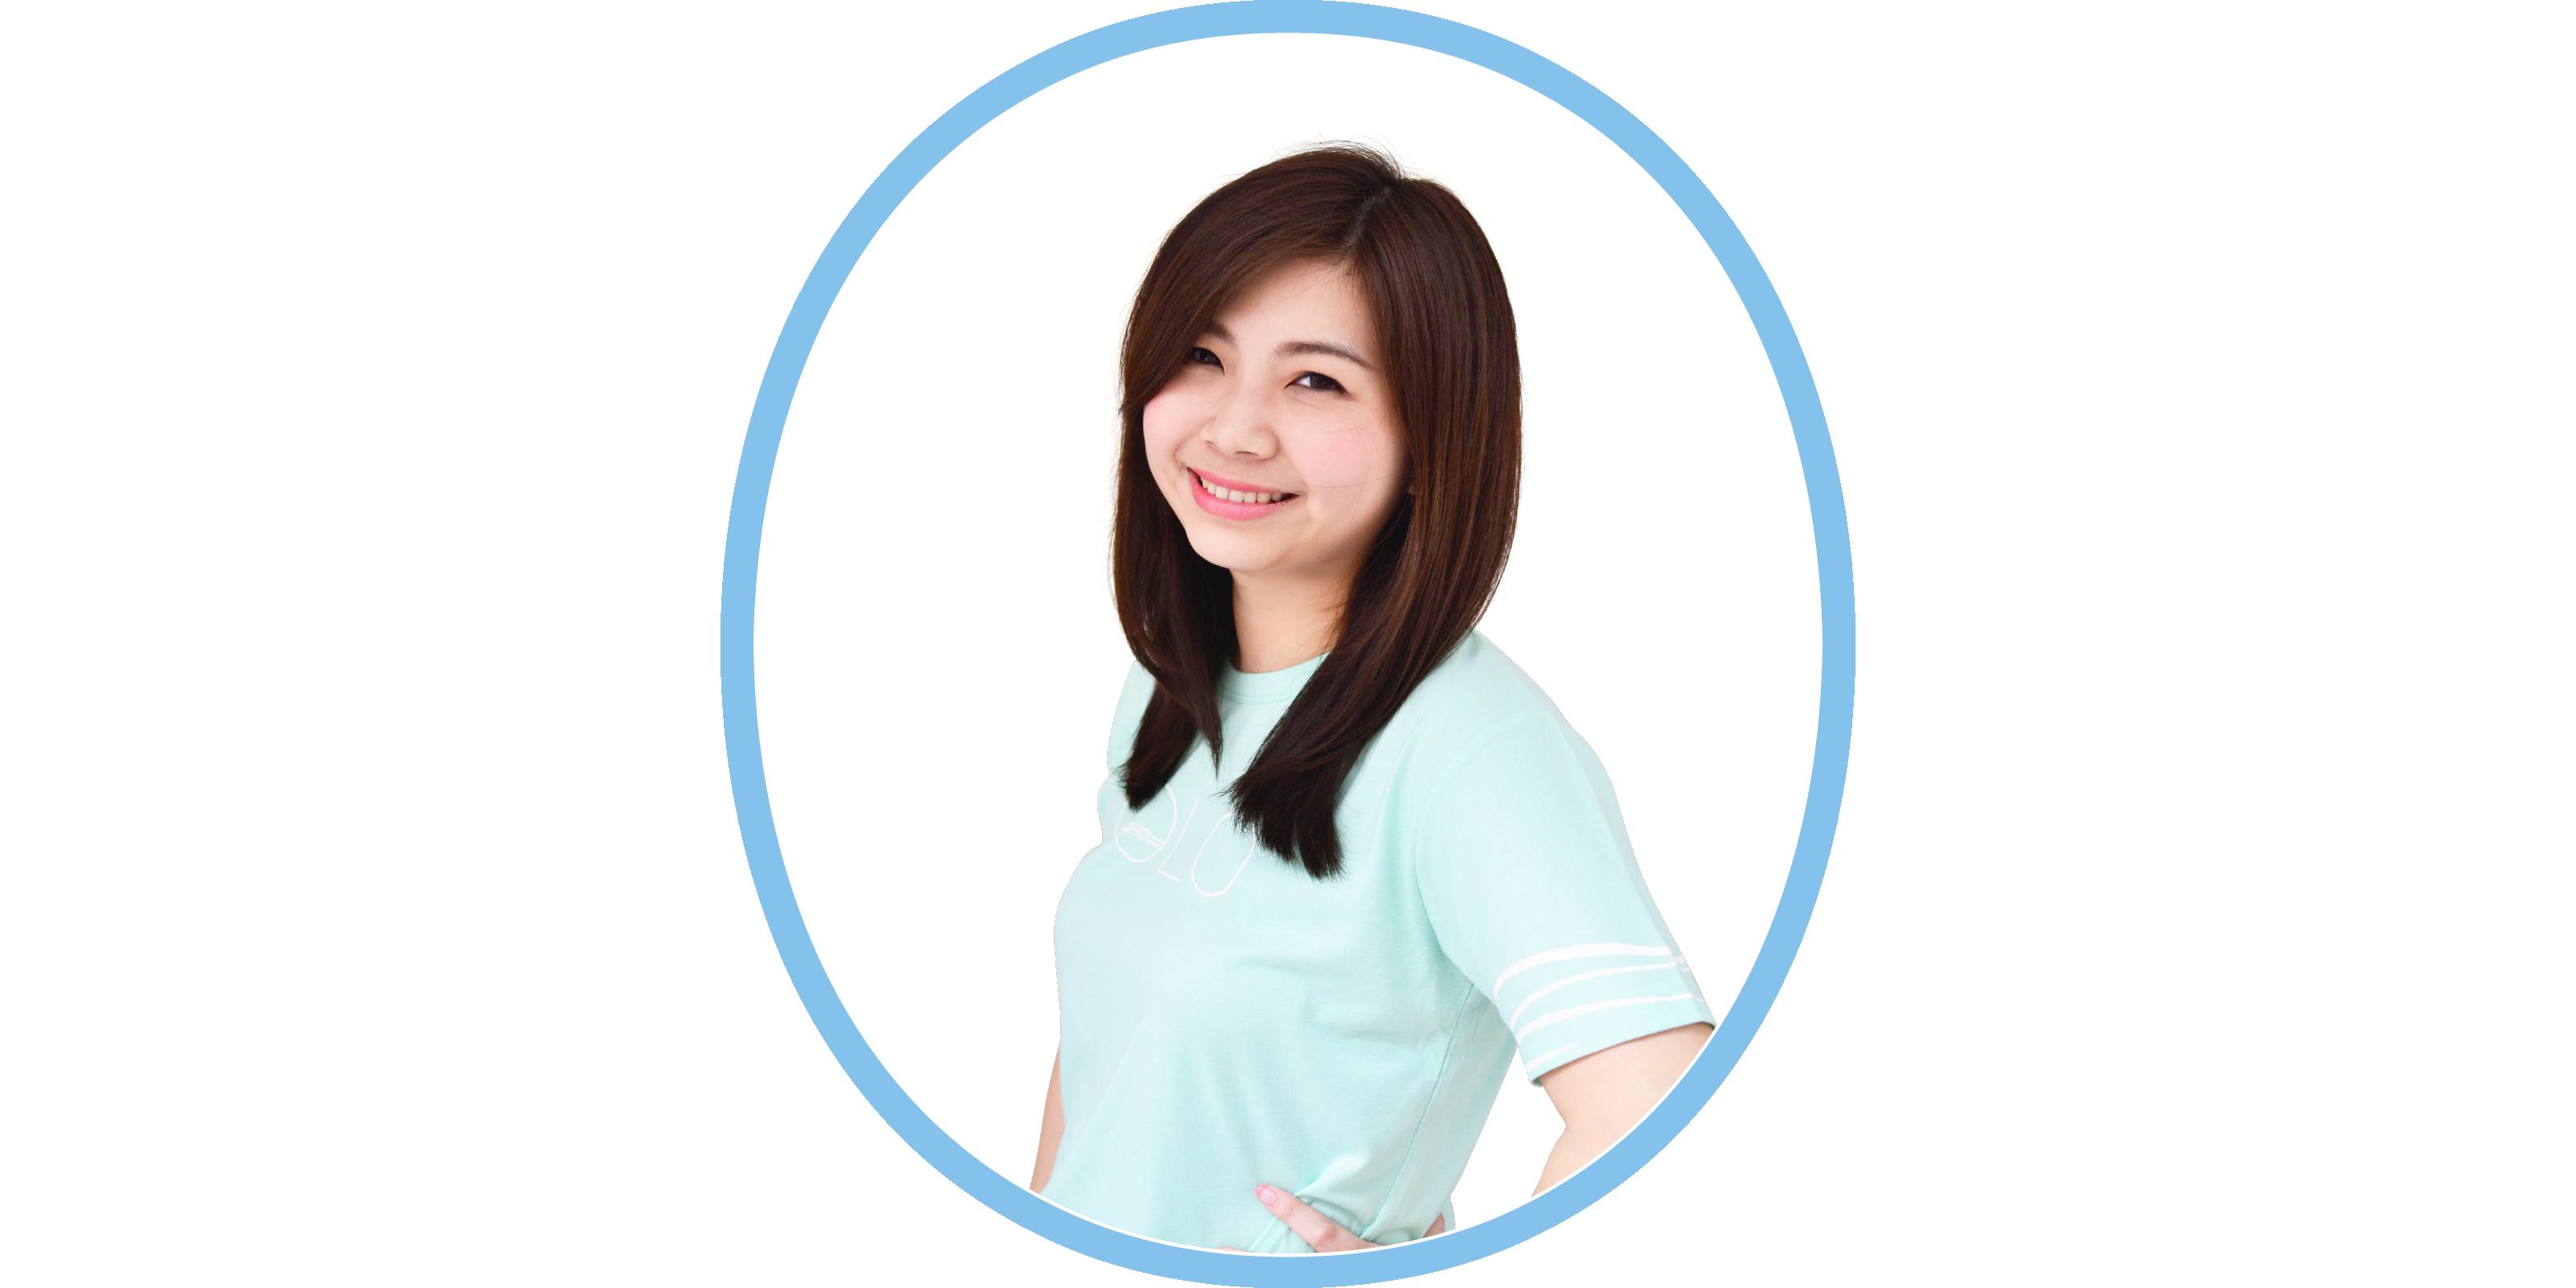 Profile Pic_Thumbnail_768 x 384_2016-2017-Mia